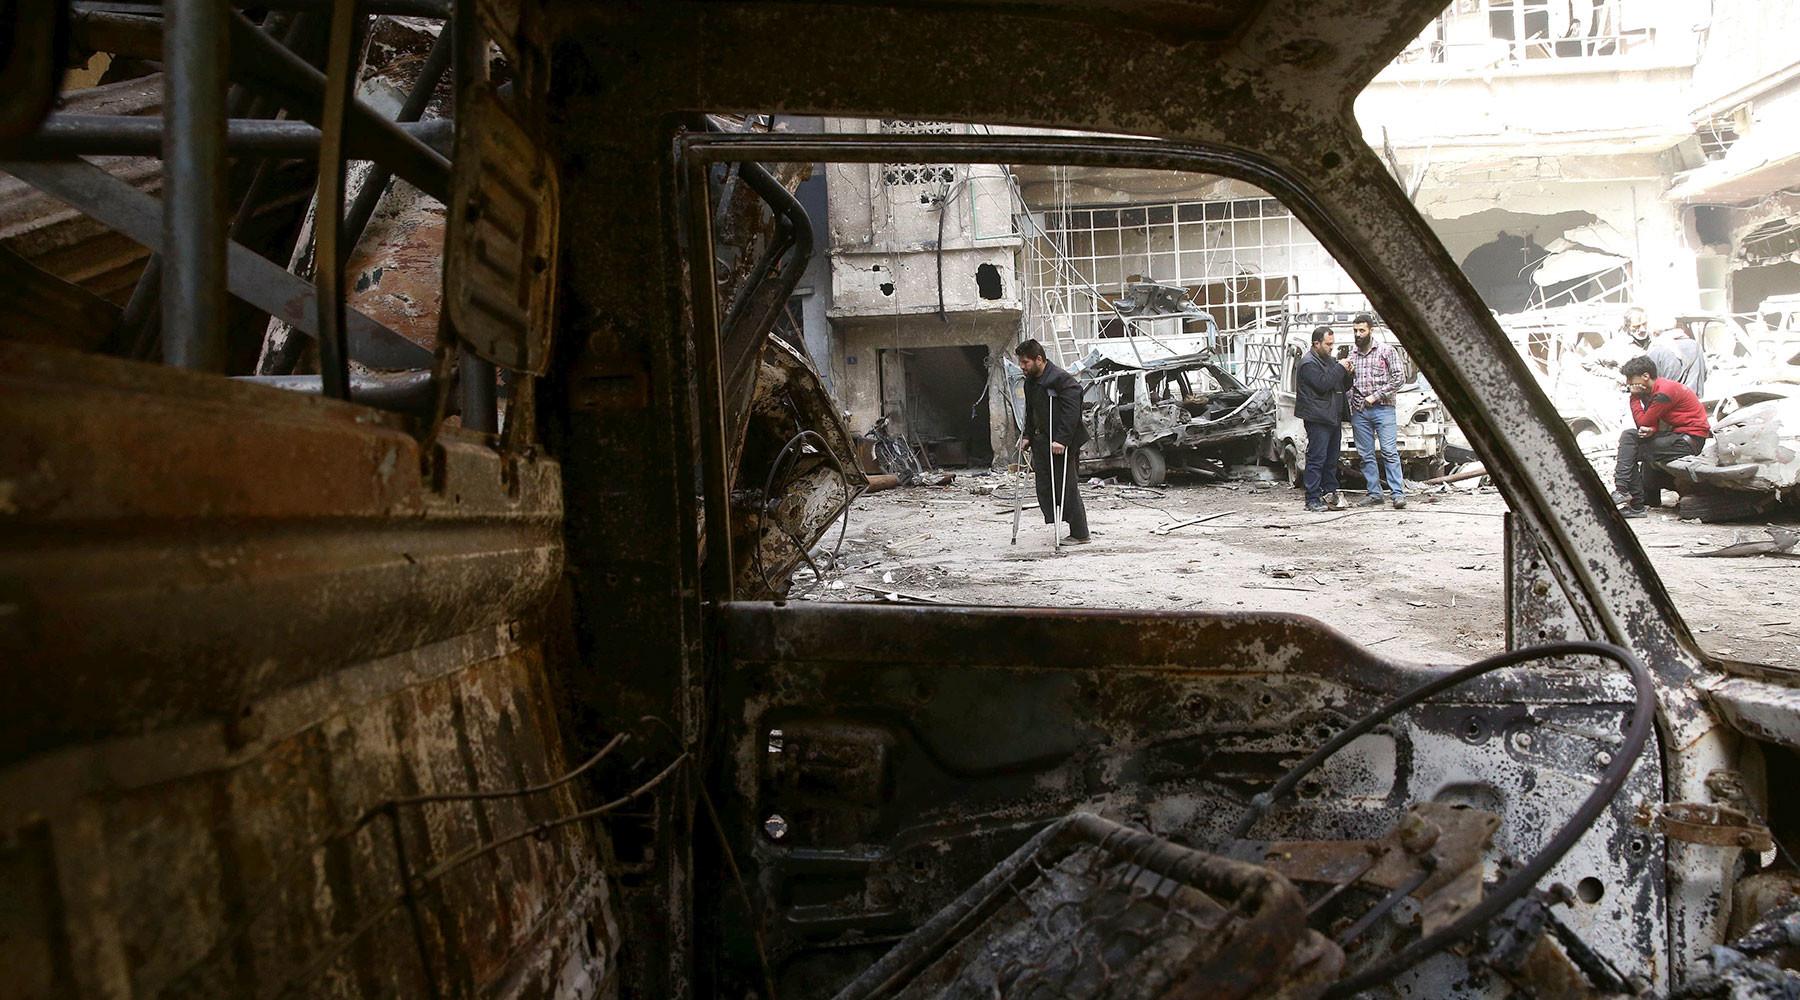 رجل مصاب بعد القصف على دوما (رويترز)